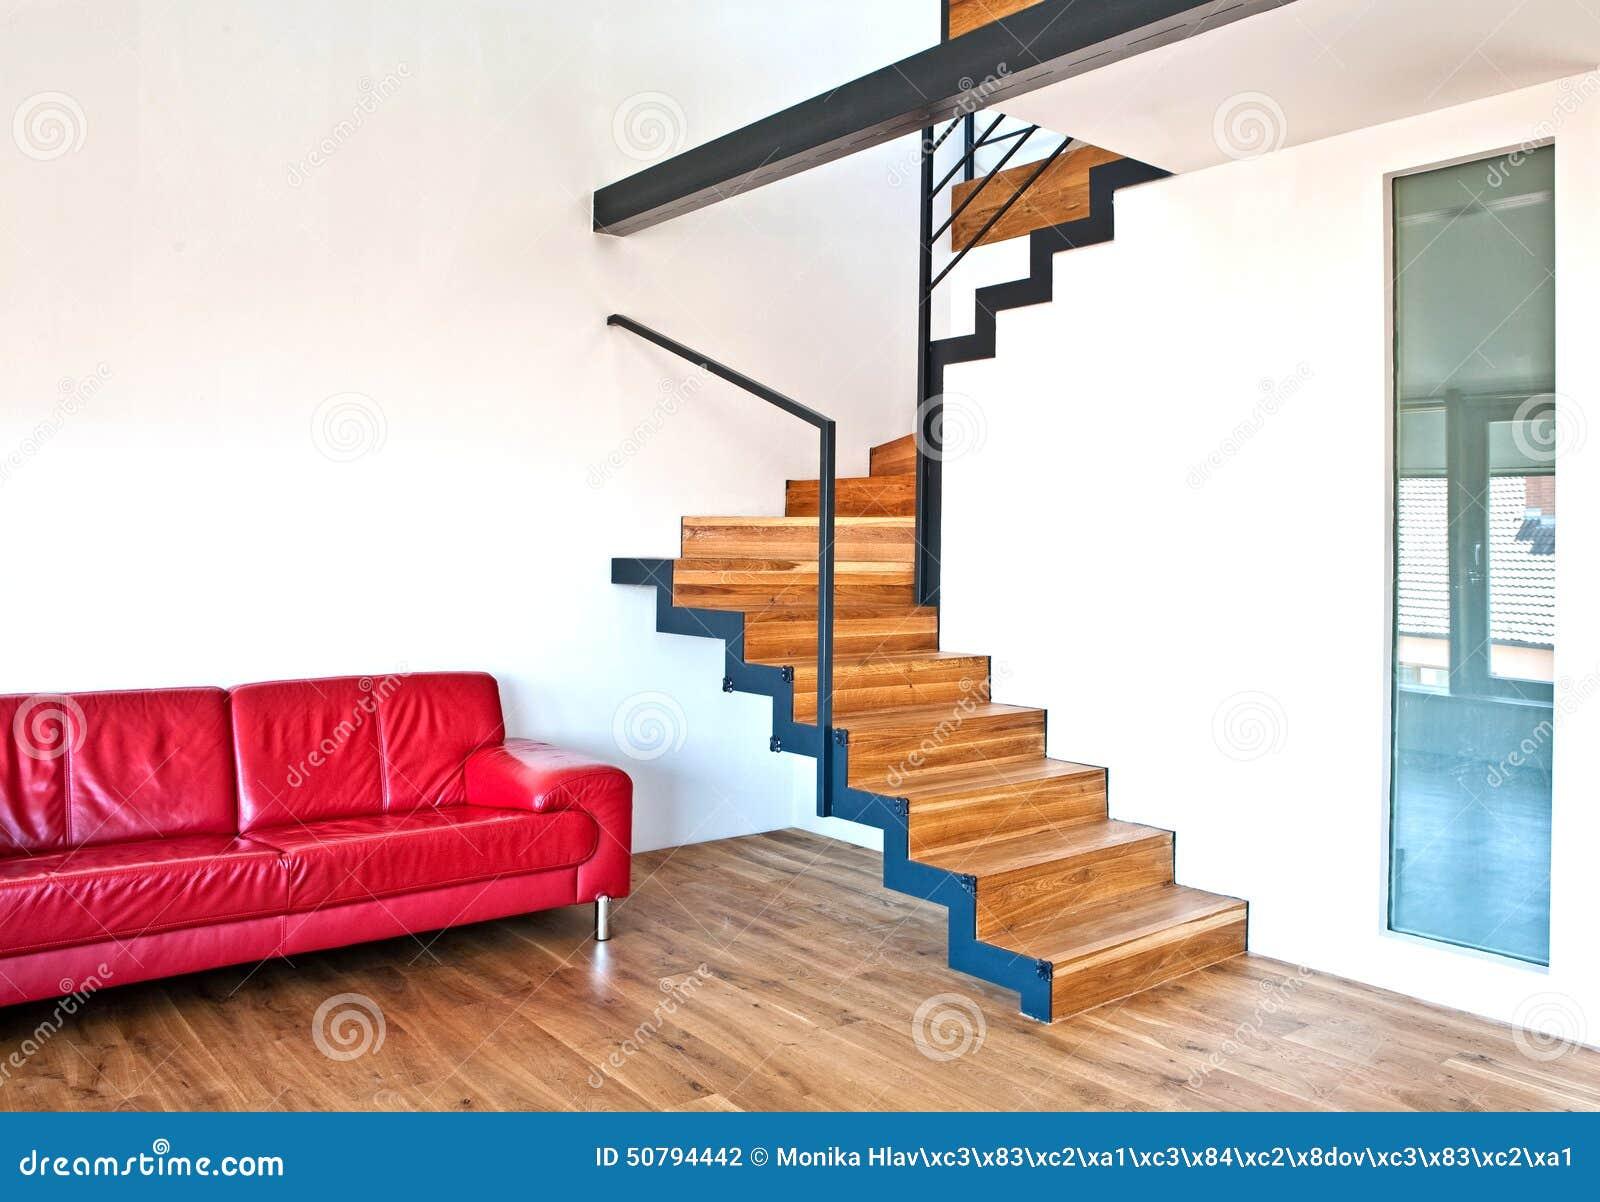 有台阶和红色沙发的现代房子.图片